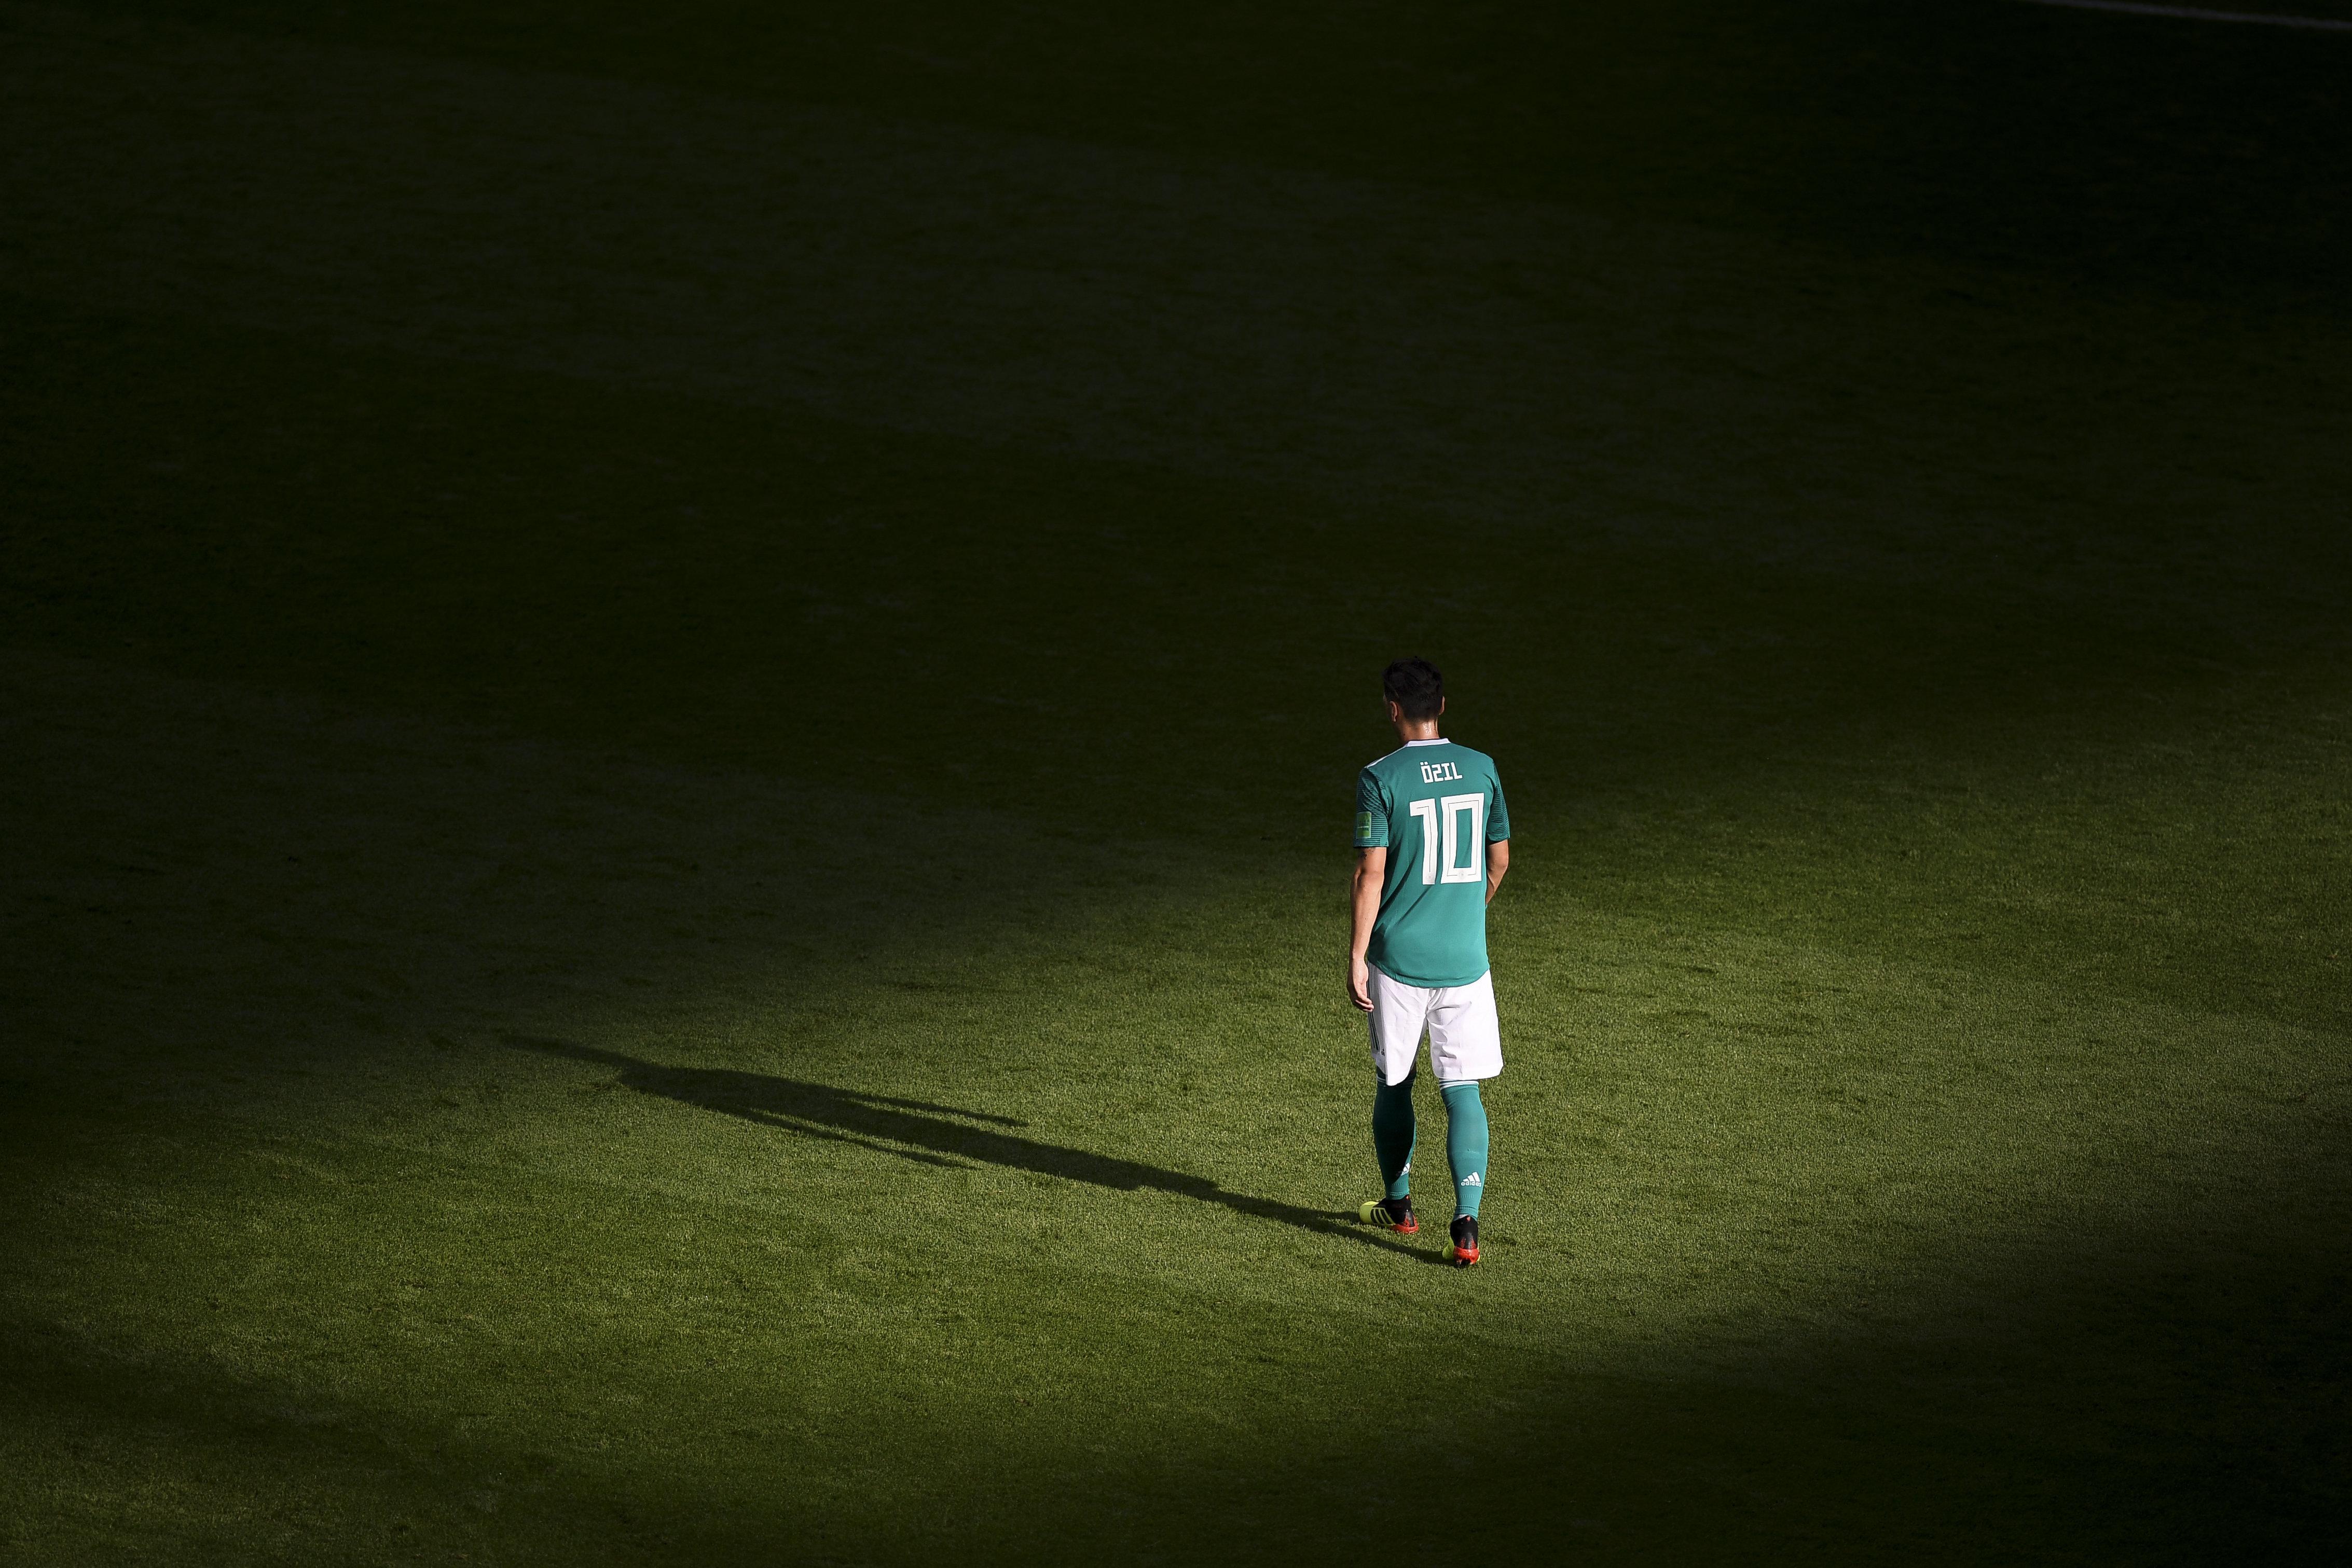 Das Ausland übergießt die Deutschen nach dem WM-Aus mit Häme – mit einer Ausnahme